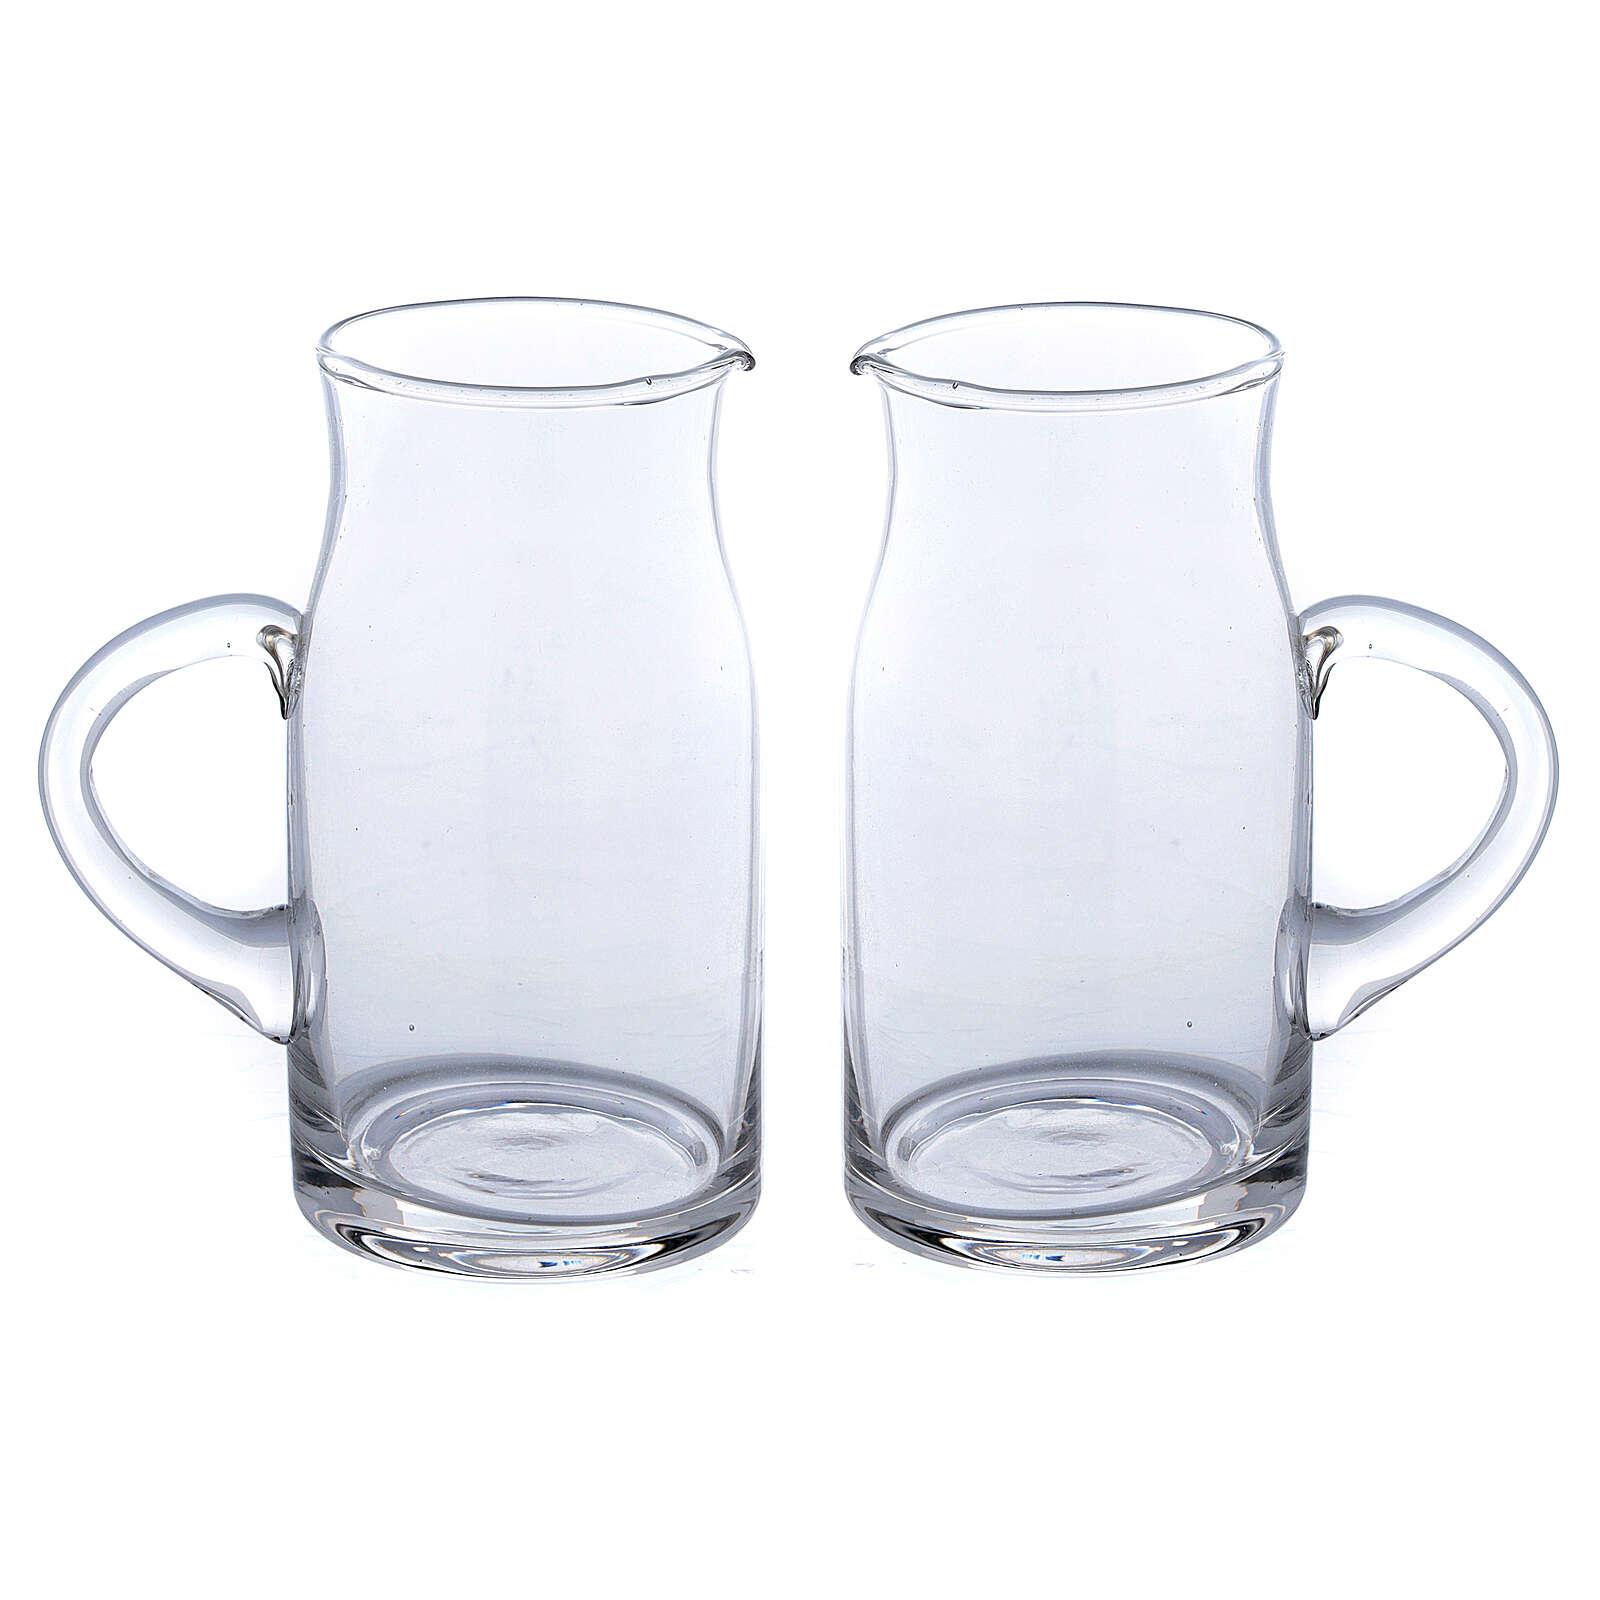 Ewer in glass Fiesole model 130 ml, 2 pcs 4